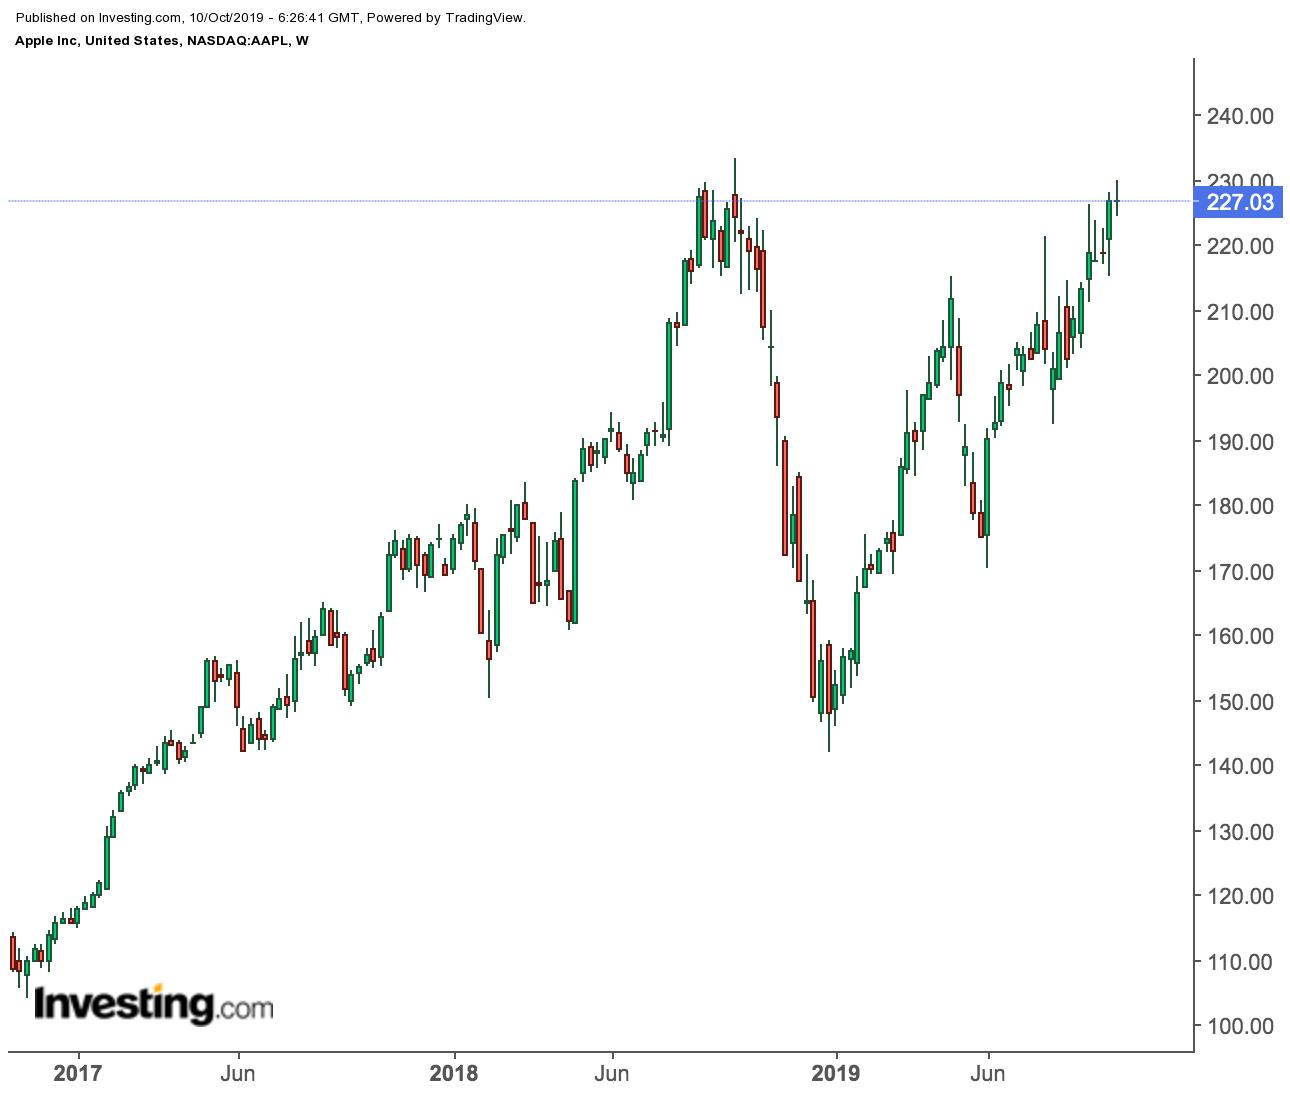 pic394bb41009b04af4120df6f5a656dc07 - Đợt tăng giá lên 60% của Apple từ mức thấp nhất trong tháng 12 có bền vững không?